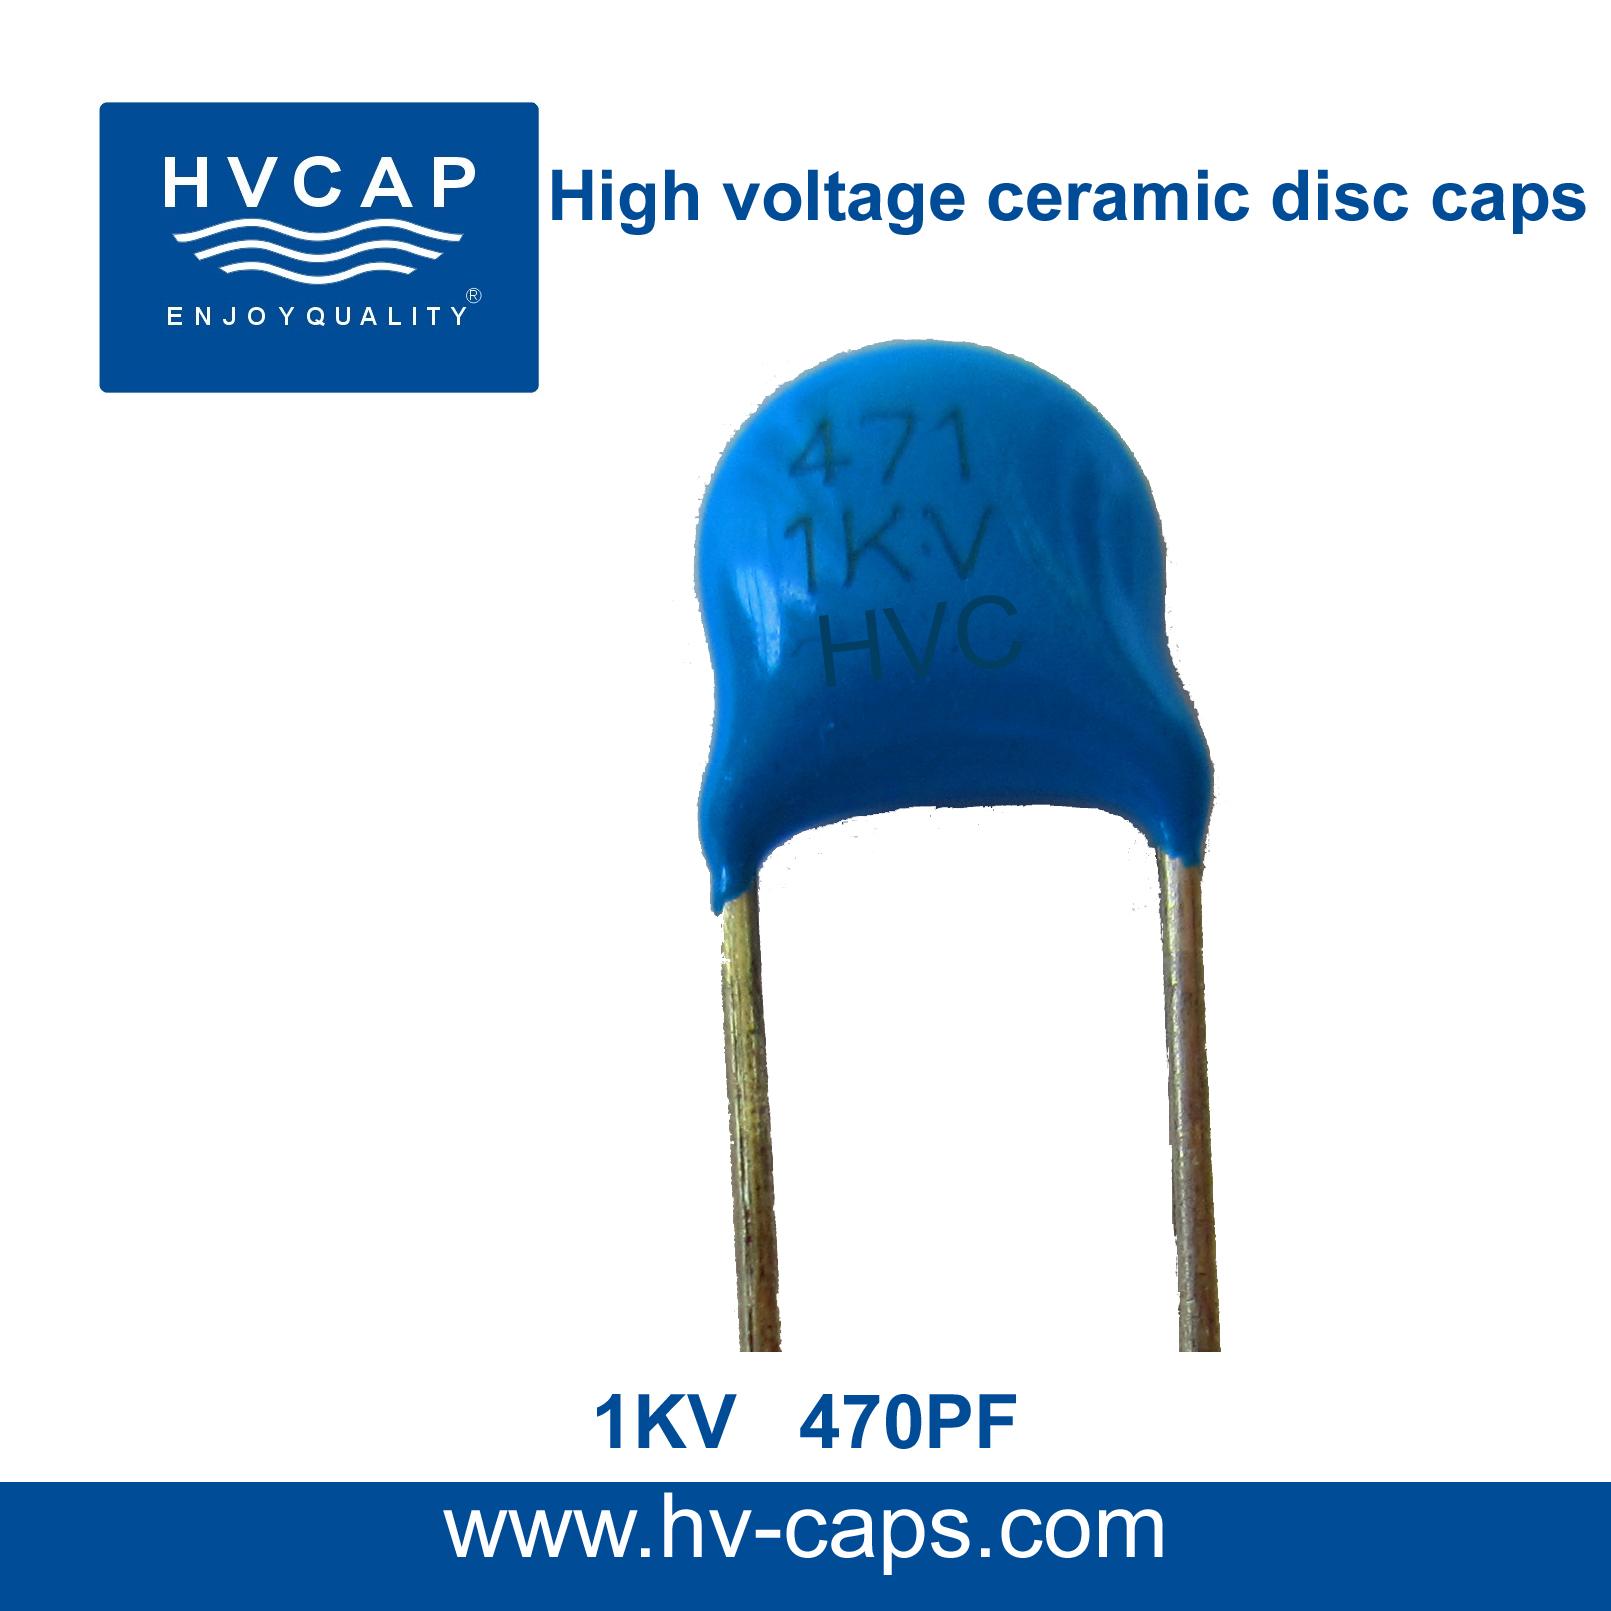 Visokonaponski keramički kondenzator 1KV 470PF